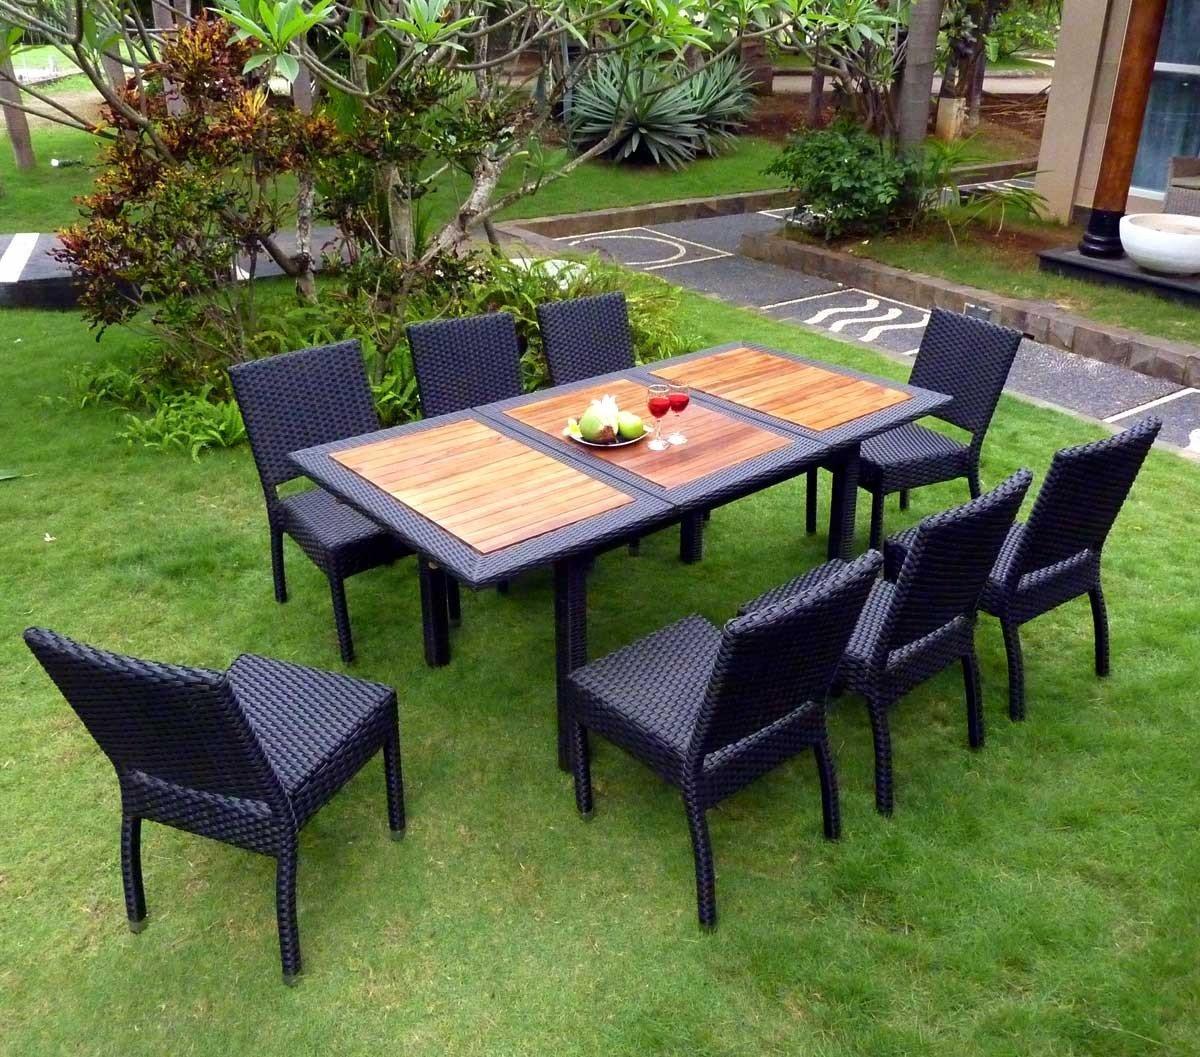 Gartenmöbel Teak und Kunstharz, 8 Sitzer Limbok, Rattan